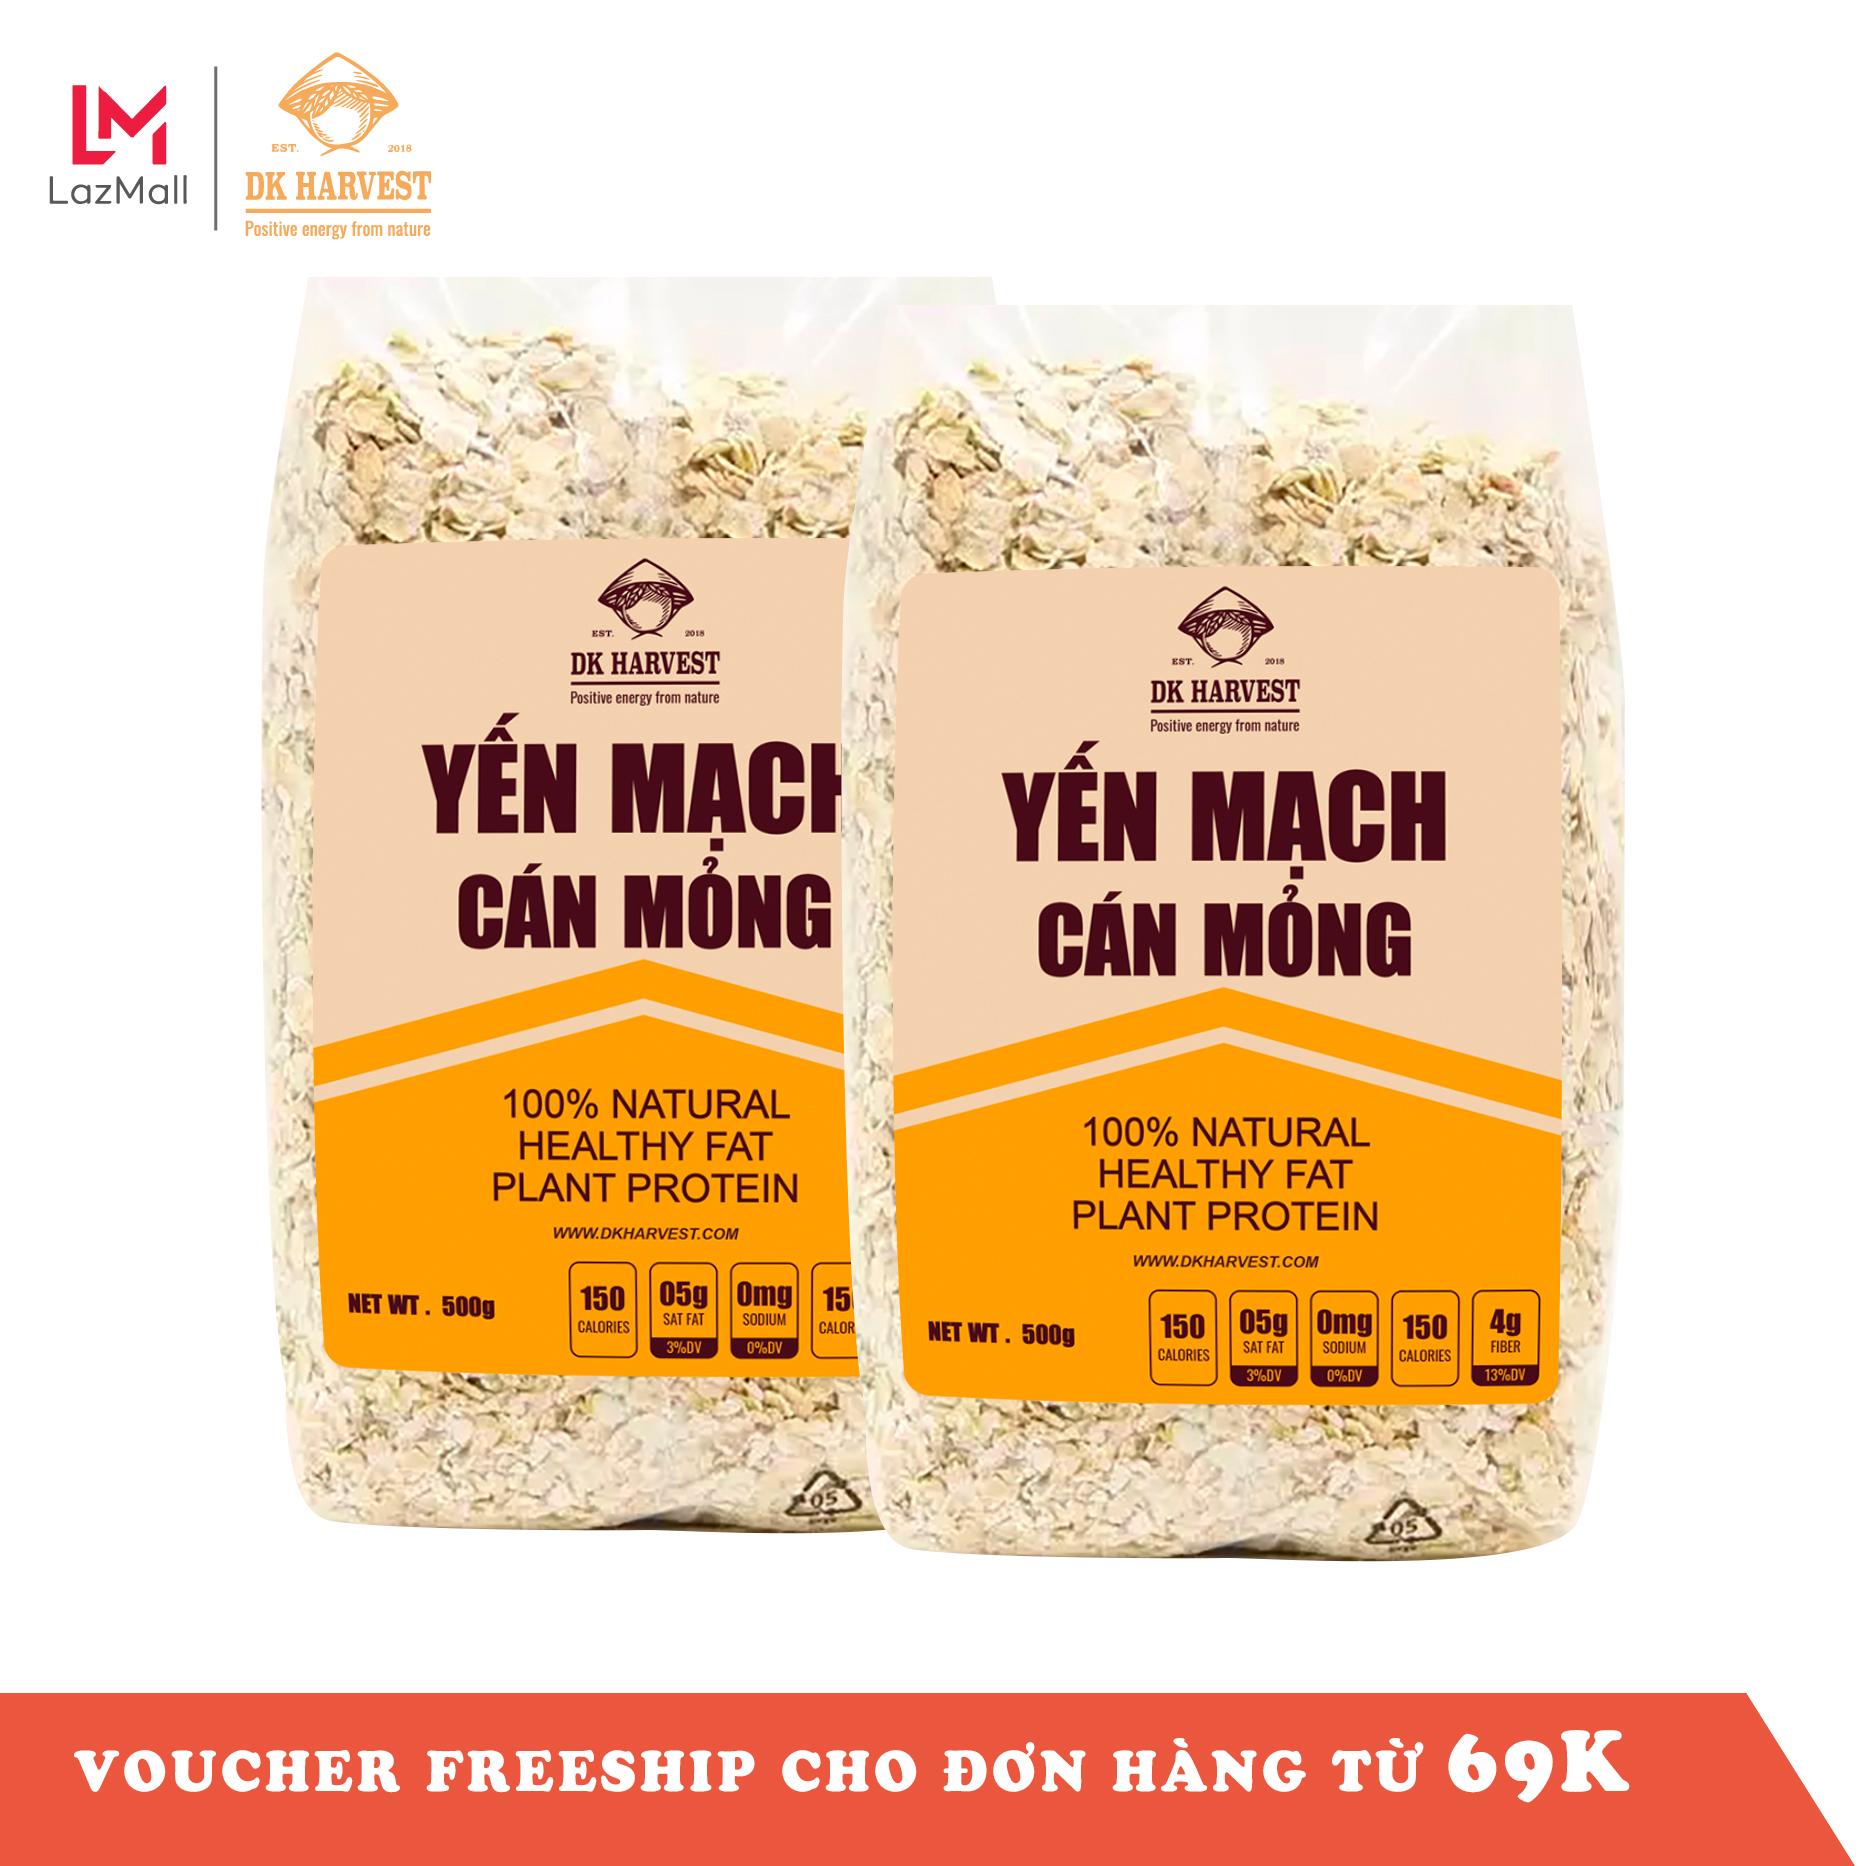 Combo 1kg Yến mạch ăn liền, nguyên hạt cán dẹp DK Harvest nhập khẩu Úc - 1kg (2 túi 500g),...